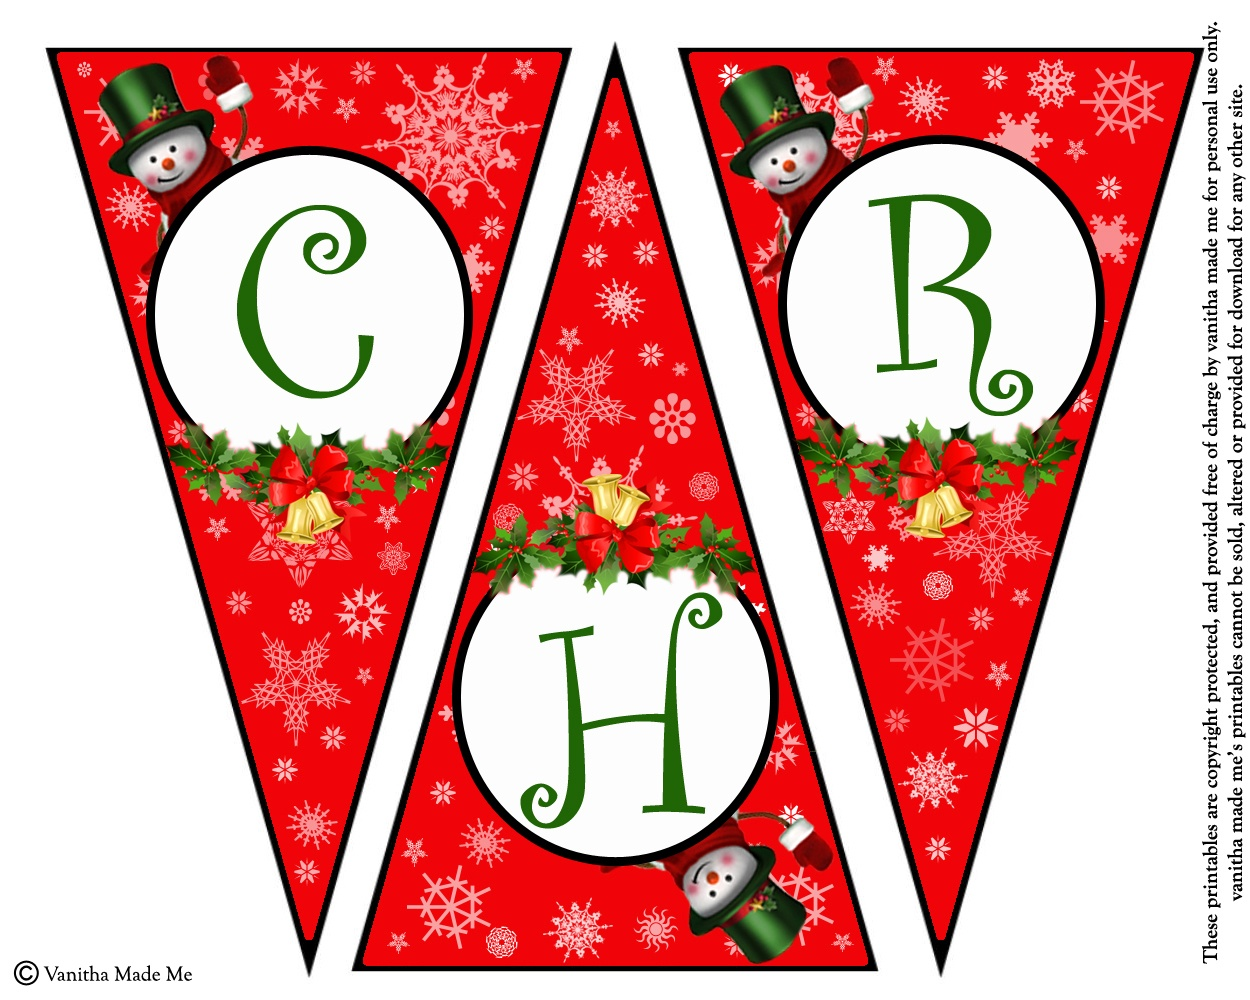 Diy Free Printable Christmas Banner   Vanitha Made Me - Free Printable Christmas Banner